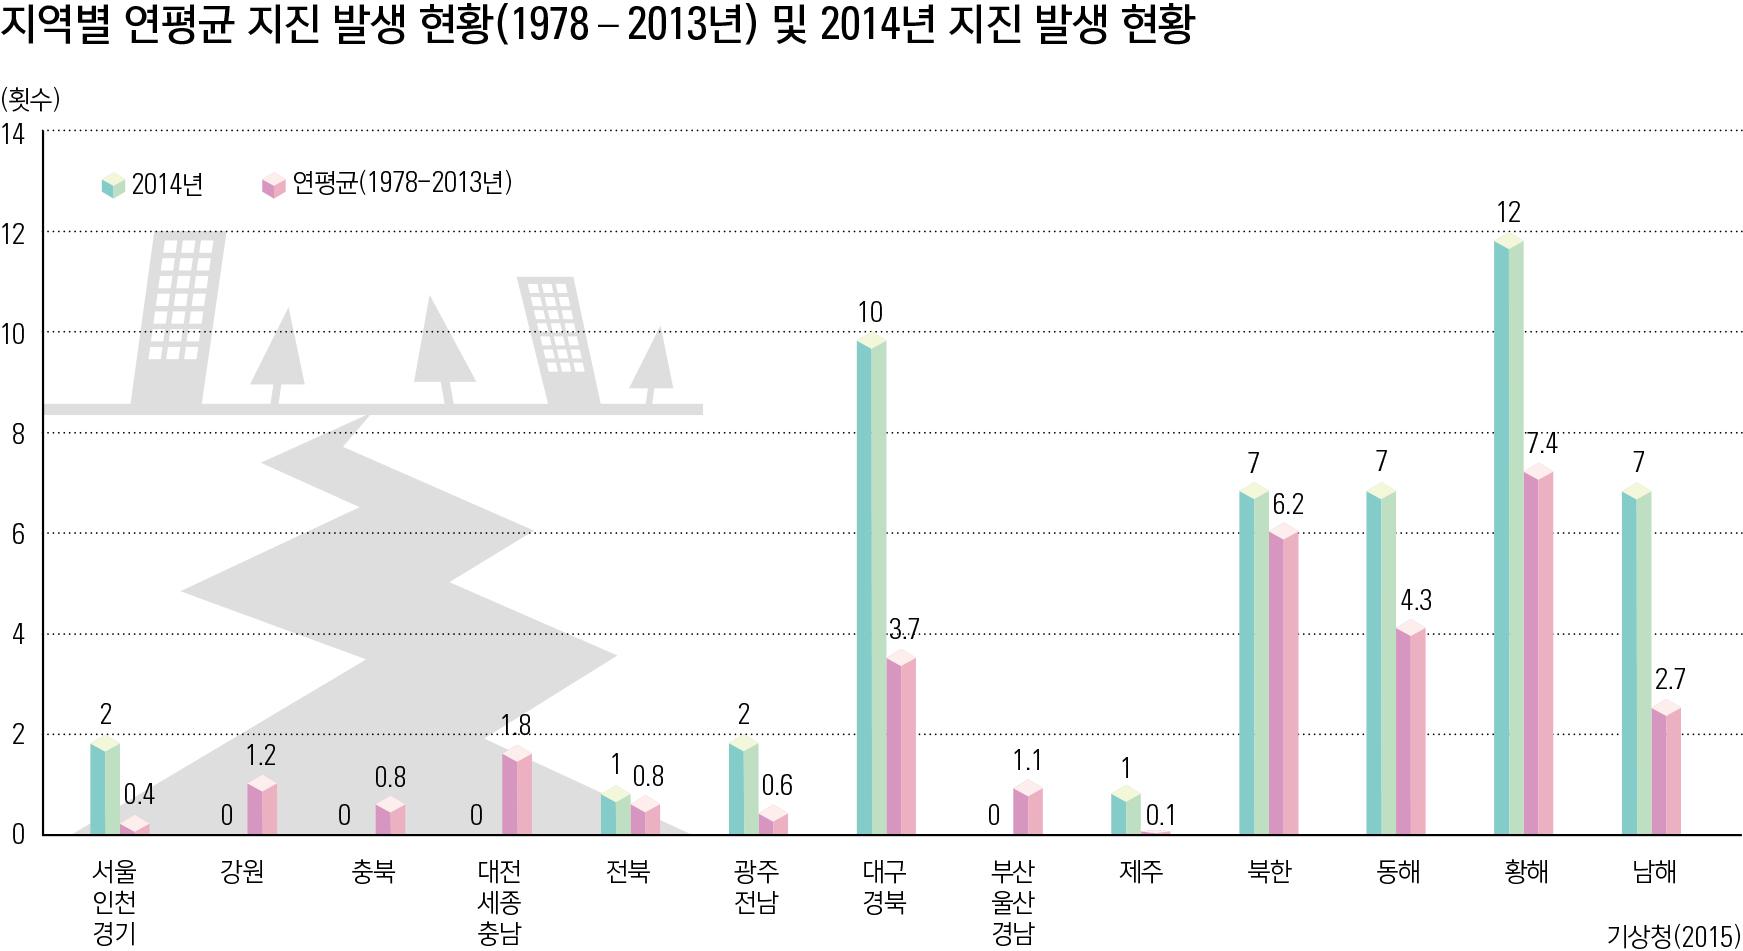 지역별 연평균 지진 발생(1978 - 2013년) 및 2014년 지진 발생 현황